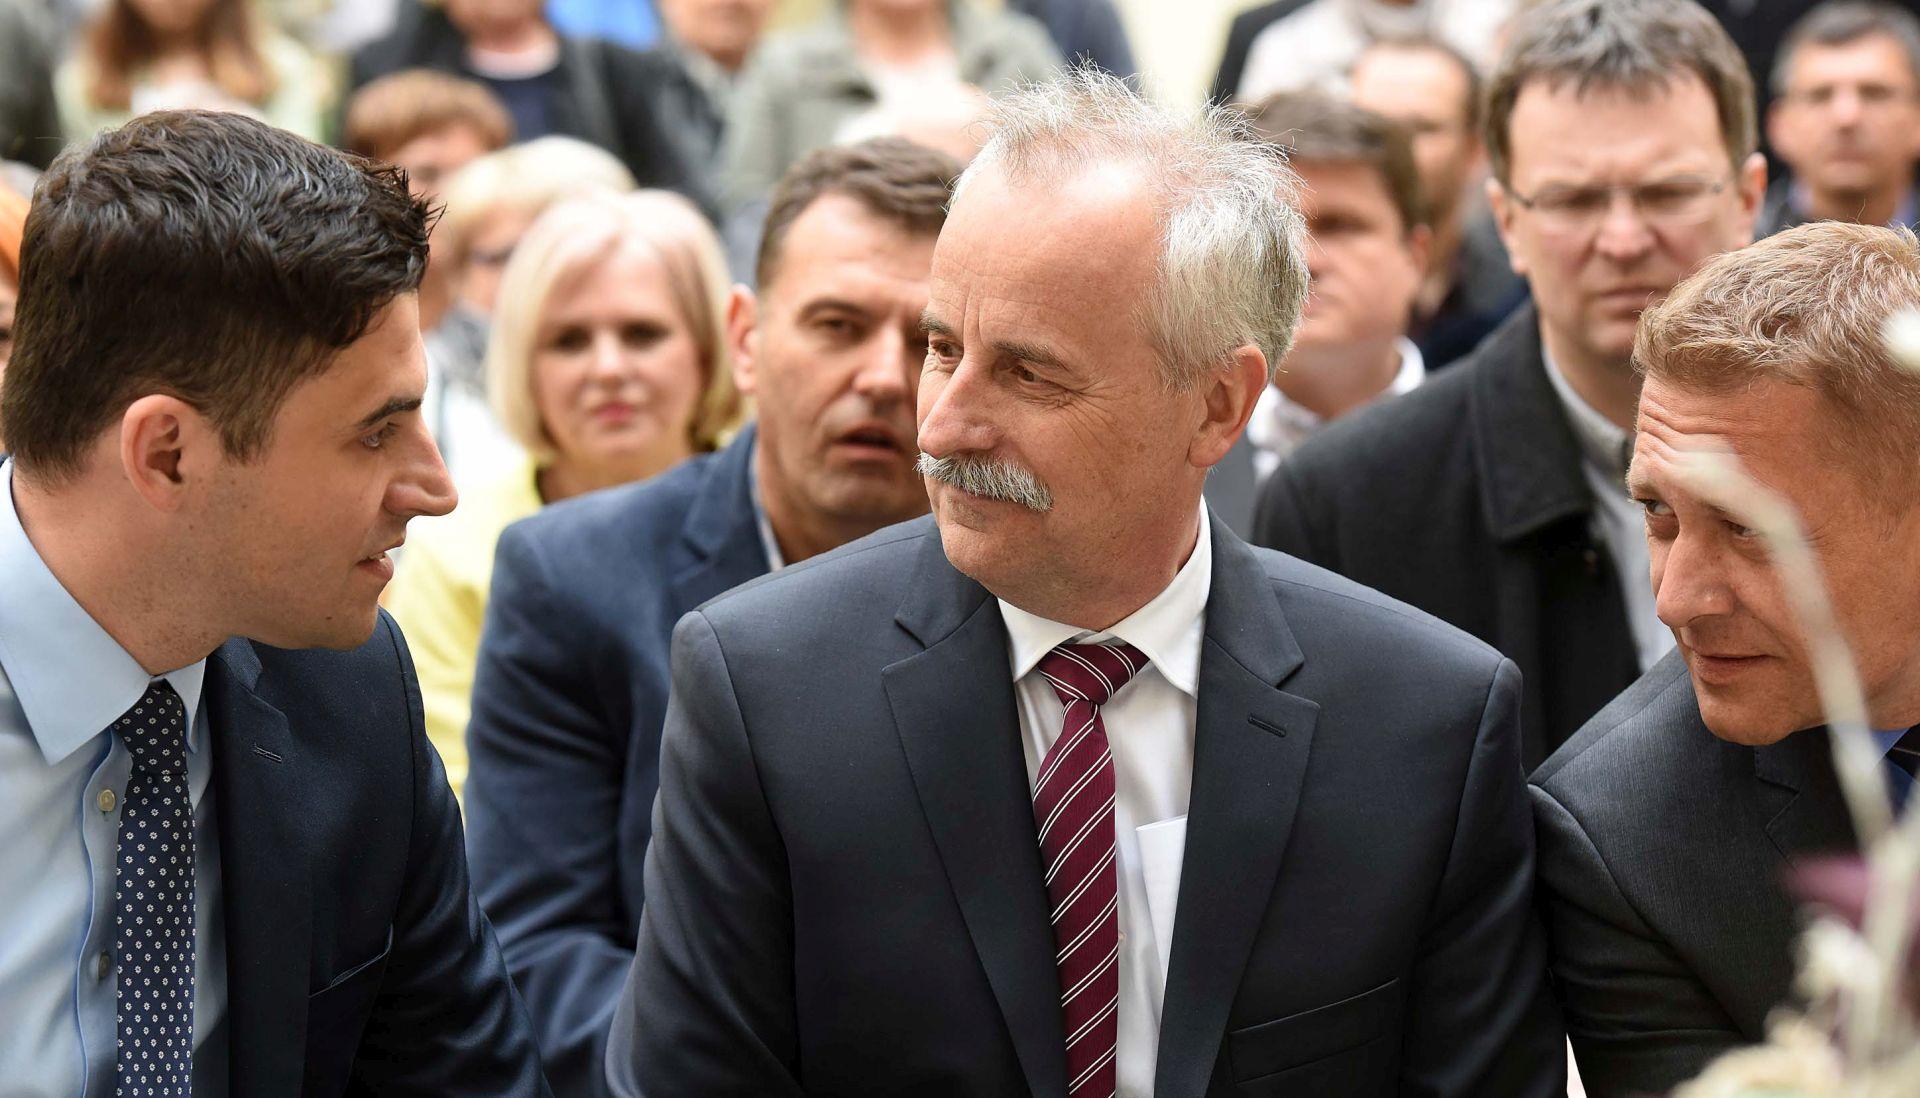 INTERVJU: MLADEN NOVAK 'Što se Vlade tiče mogu samo reći: i poslije Karamarka – Karamarko, a pobijedim li na lokalnim izborima unaprijedit ću Međimurje'